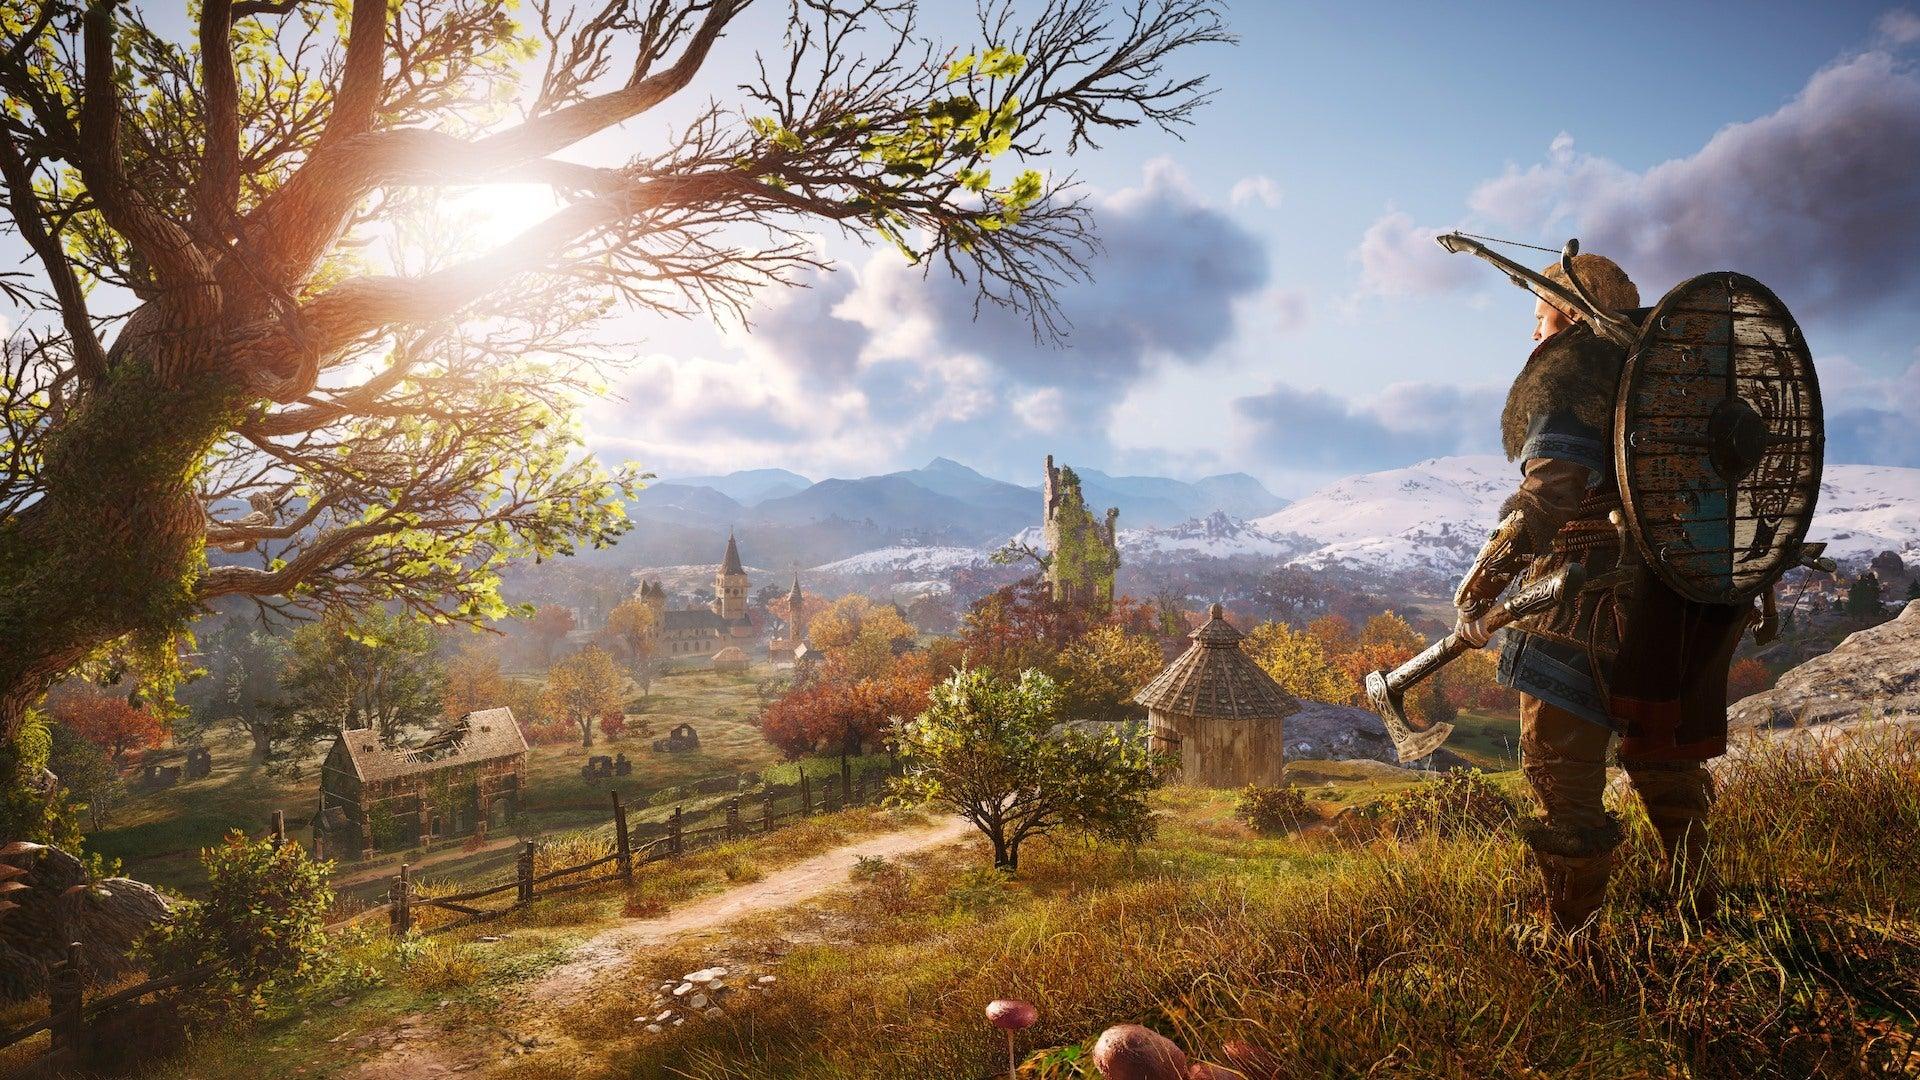 《刺客信条:英灵殿》将倾听玩家 持续改进游戏